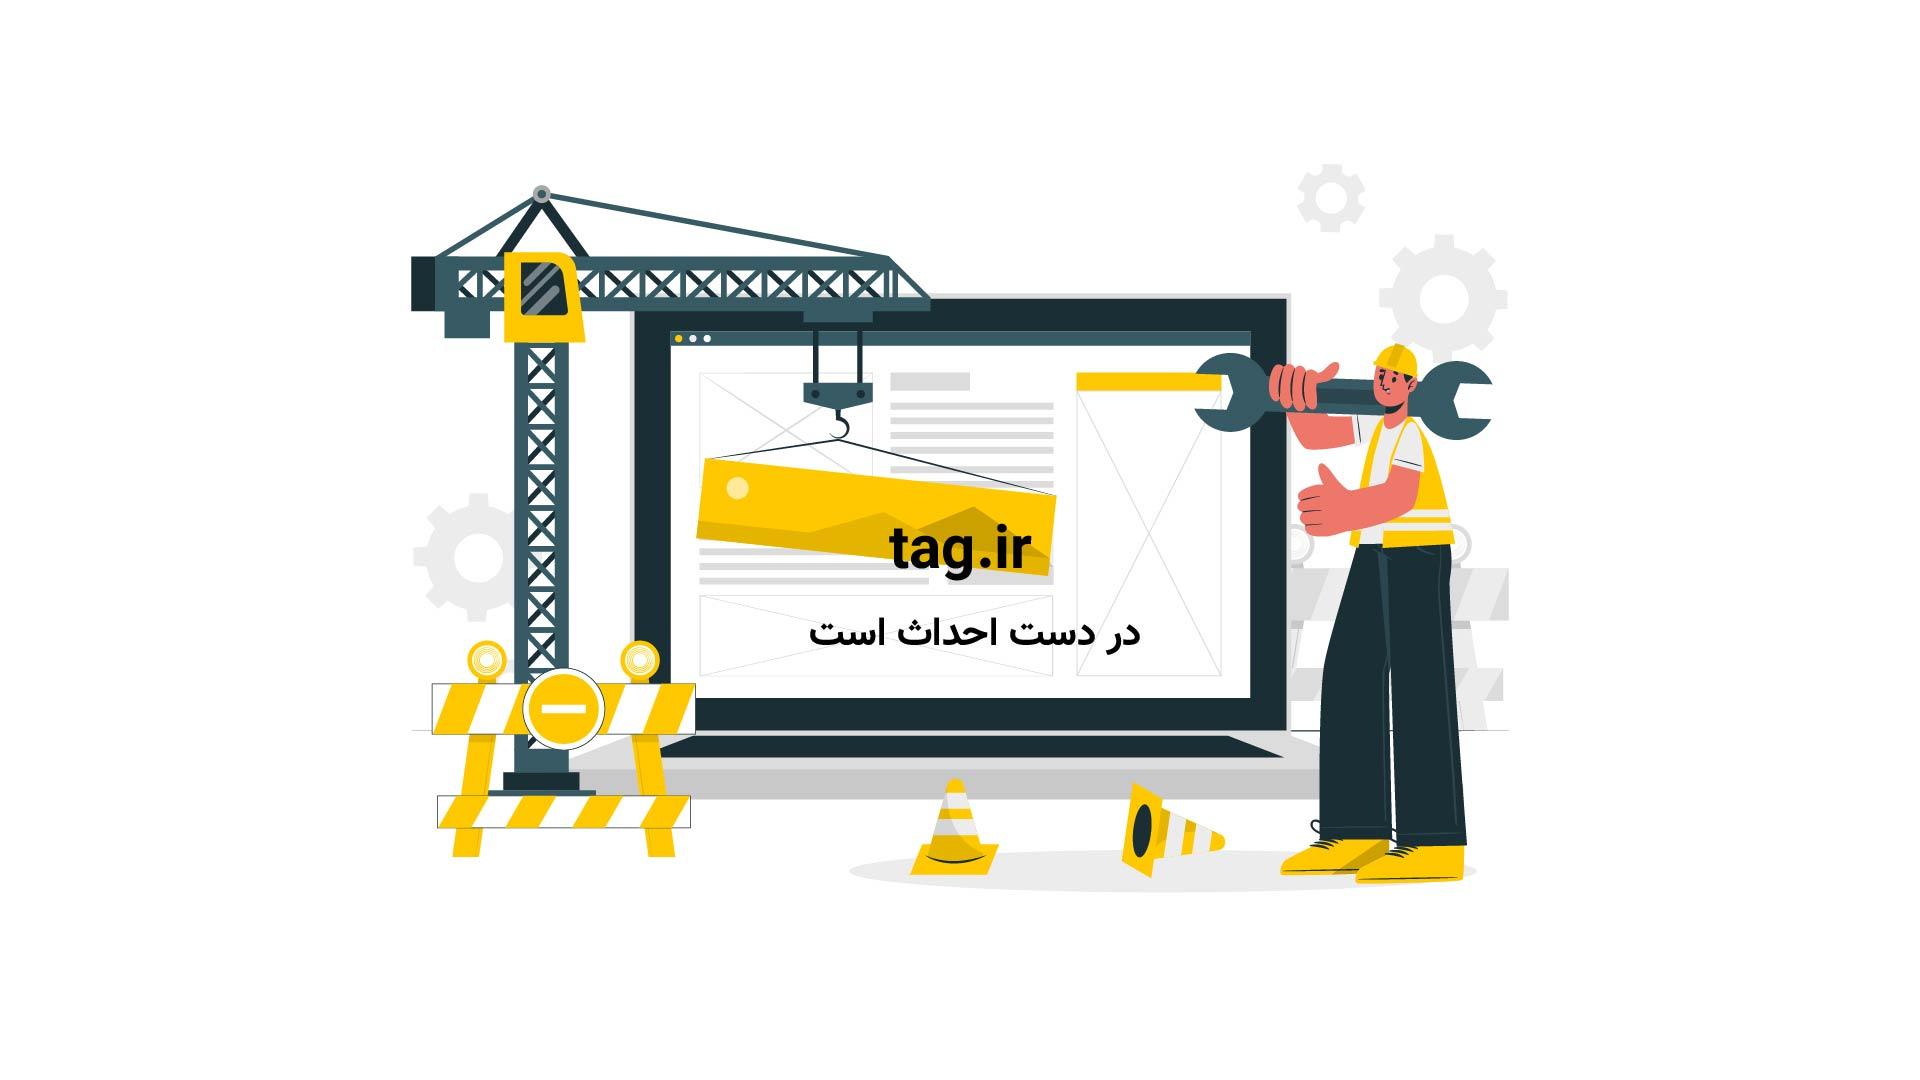 آموزش درست کردن کیف دستی سبک با استفاده از فوم | فیلم